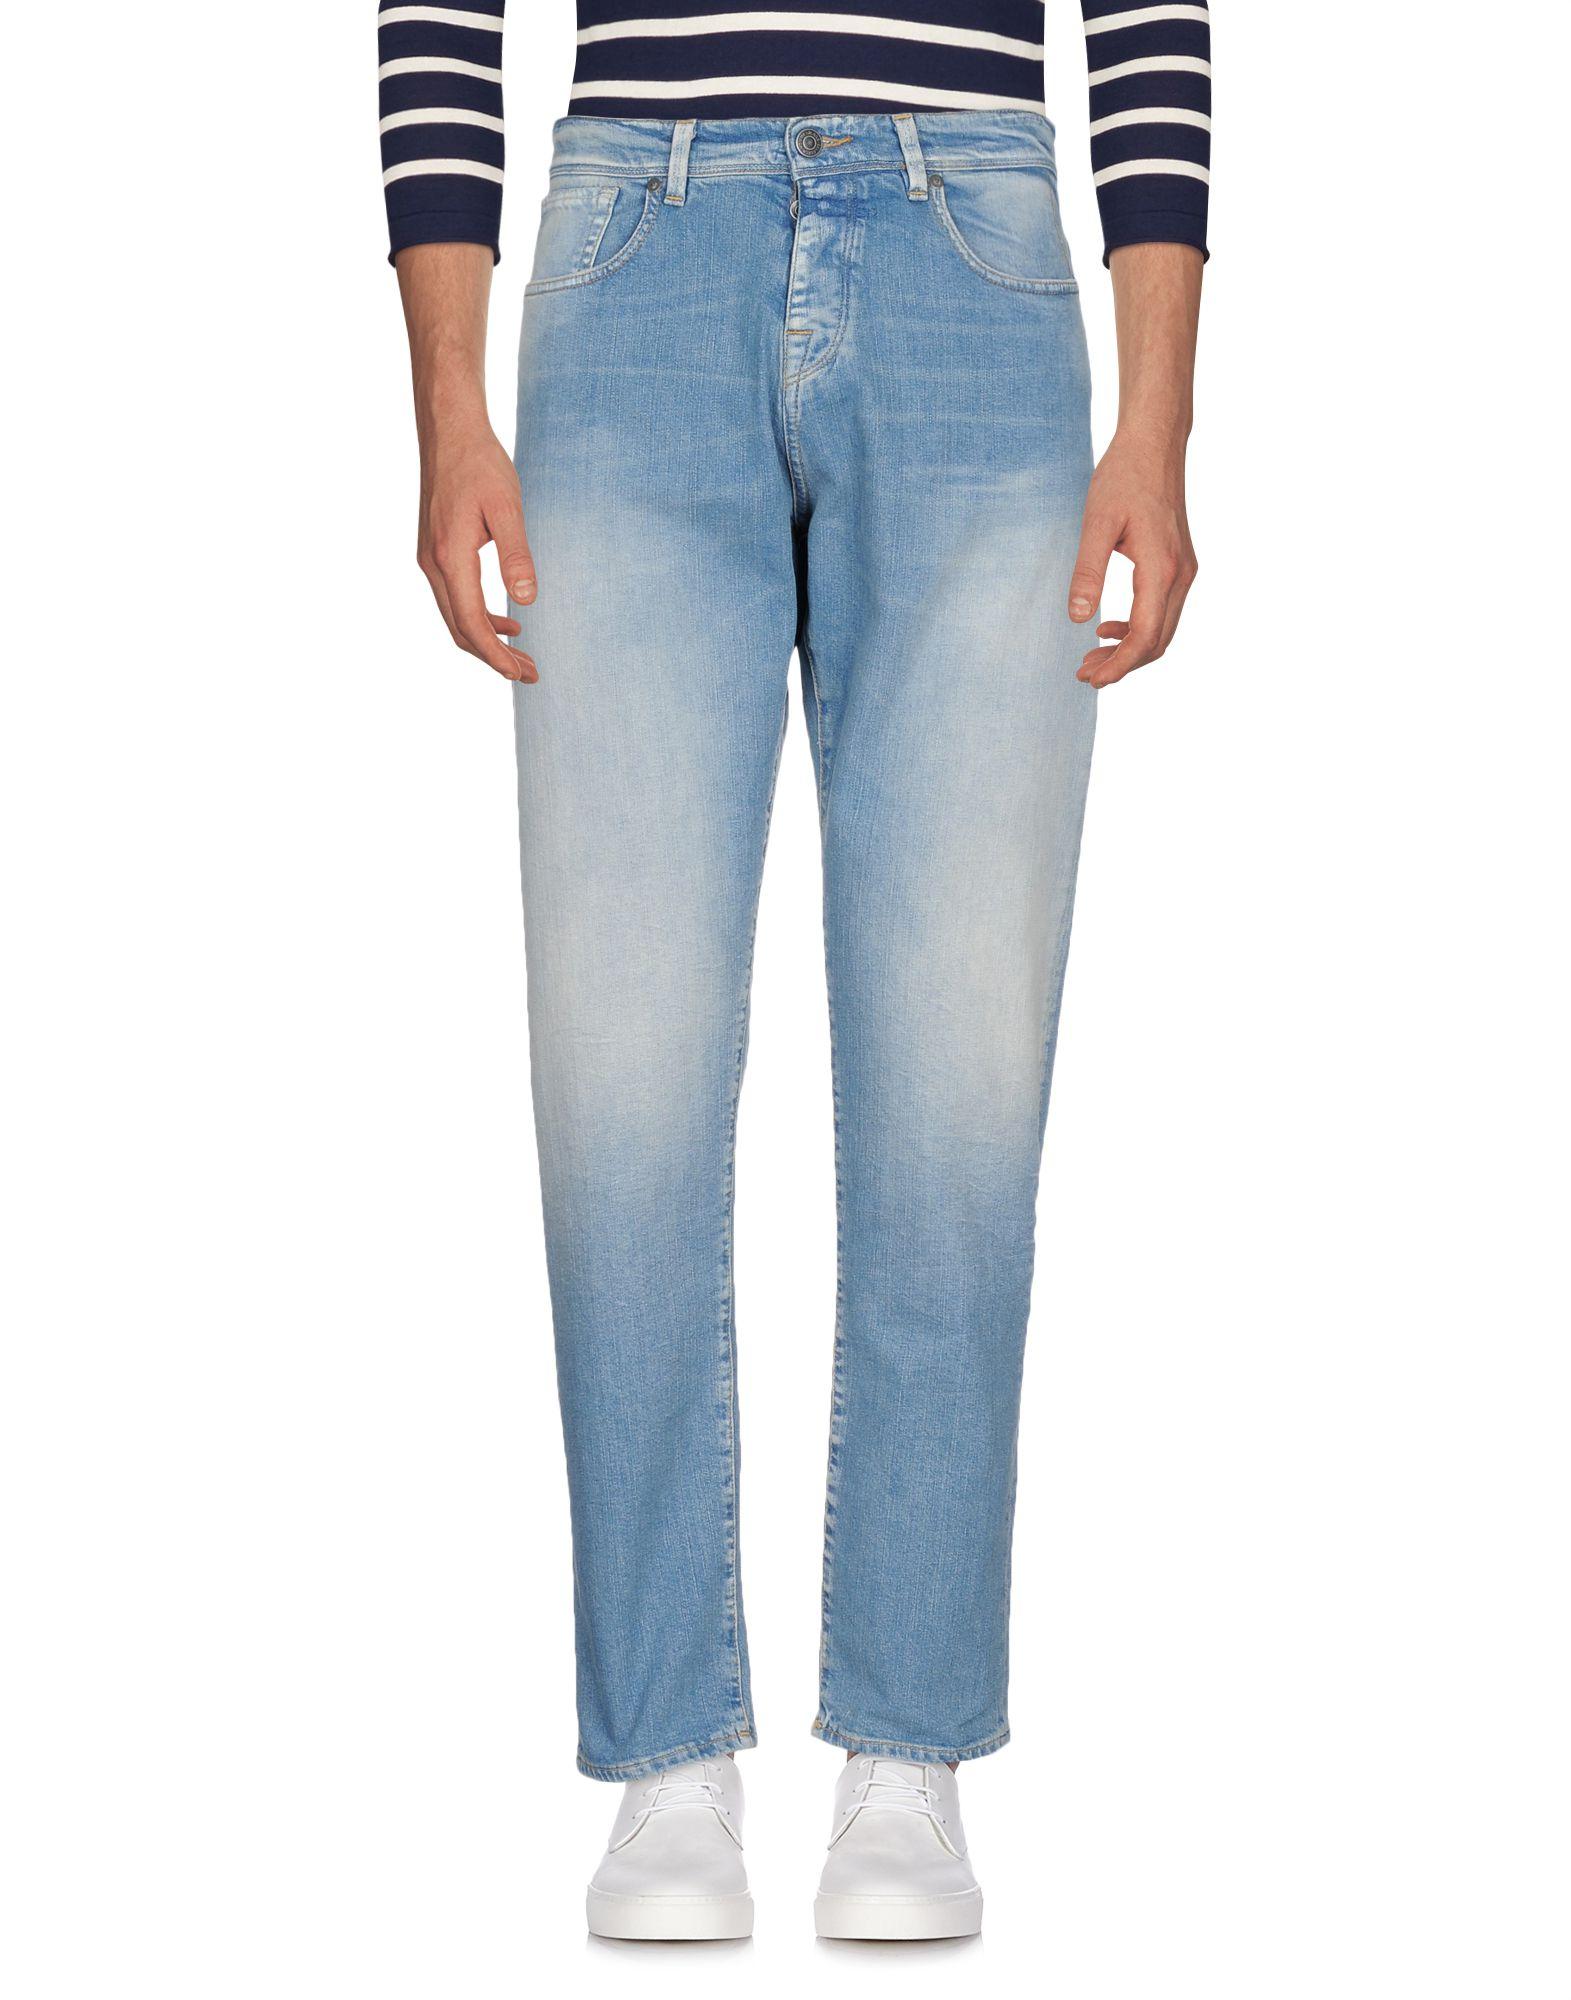 SELECTED HOMME Джинсовые брюки женские брюки лэйт светлый размер 50